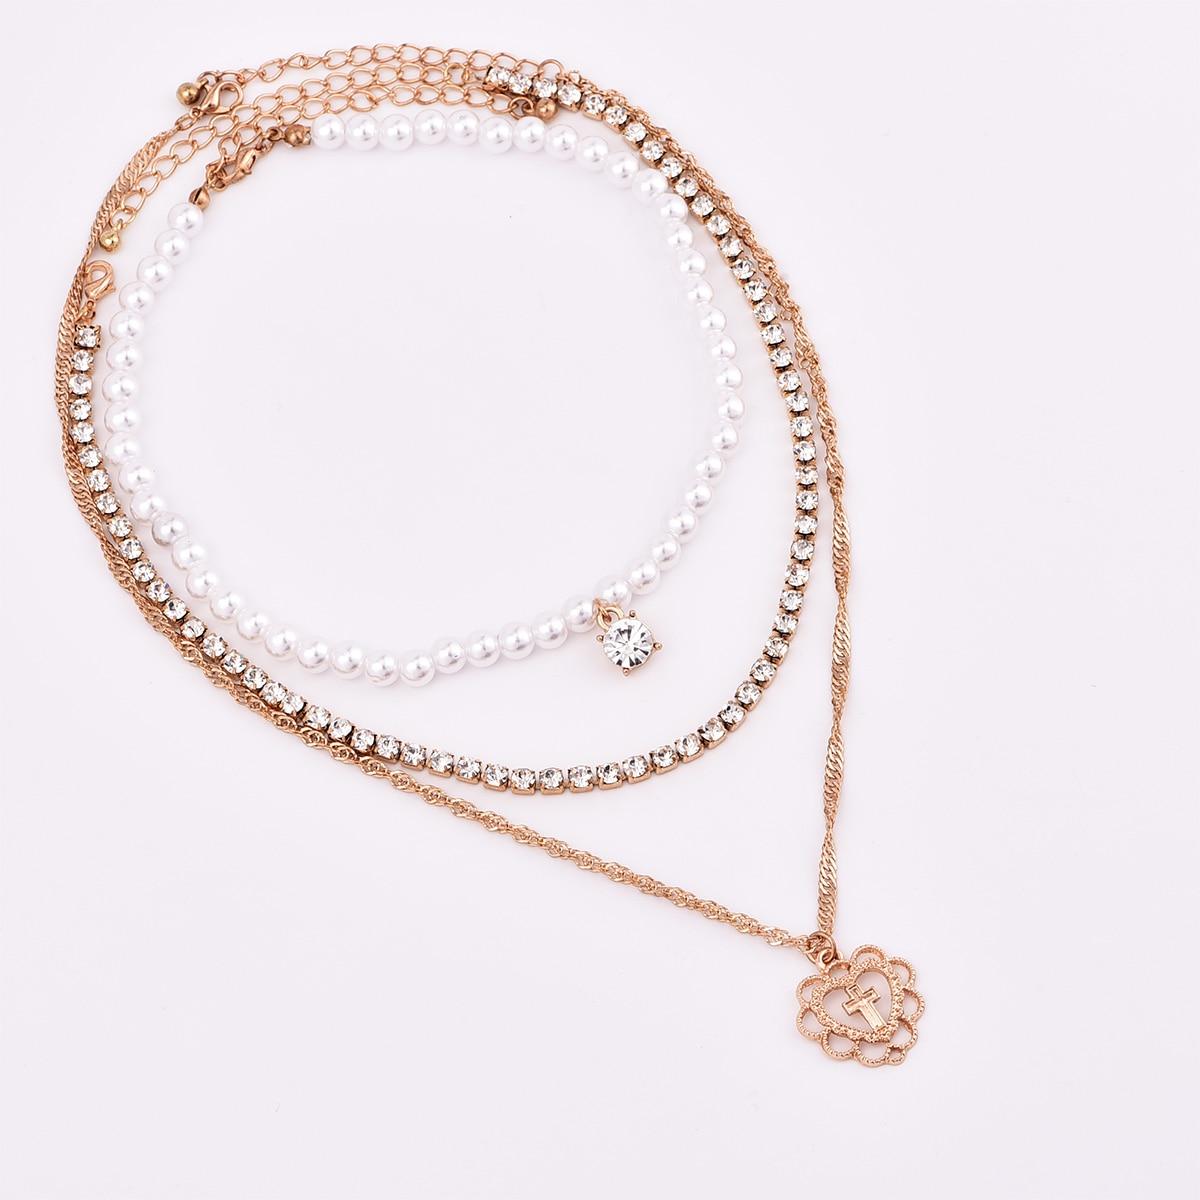 Новые модные Многослойные жемчужное колье, колье для женщин и девочек jewelry подарки N0040